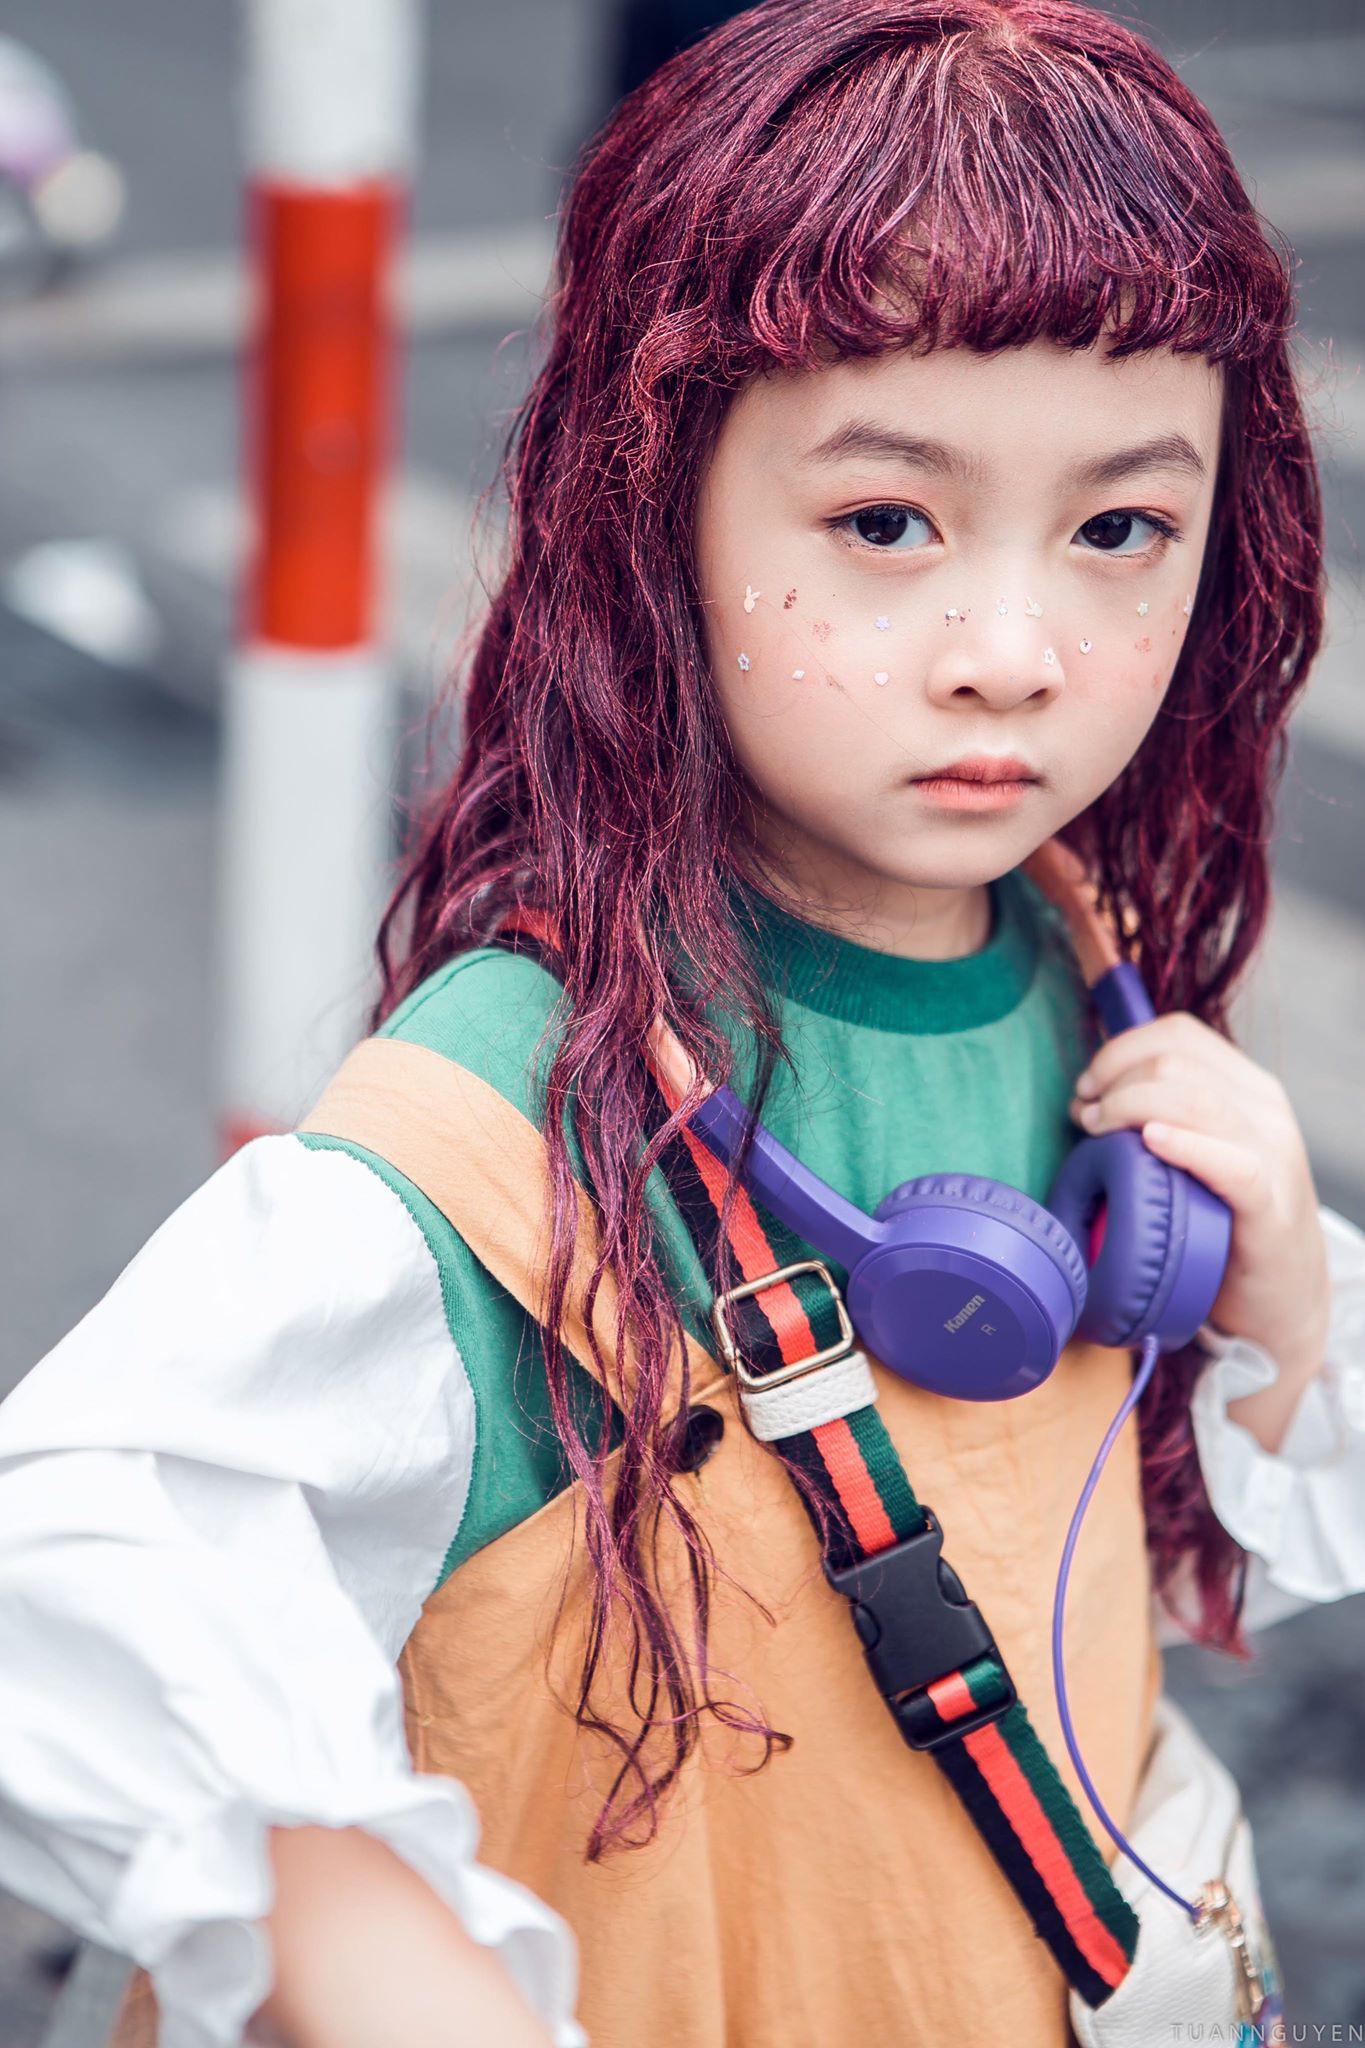 2 mẫu nhí nổi bật với street style ấn tượng ở VIFW: 5,6 tuổi đã sở hữu thần thái không phải dạng vừa - Ảnh 3.